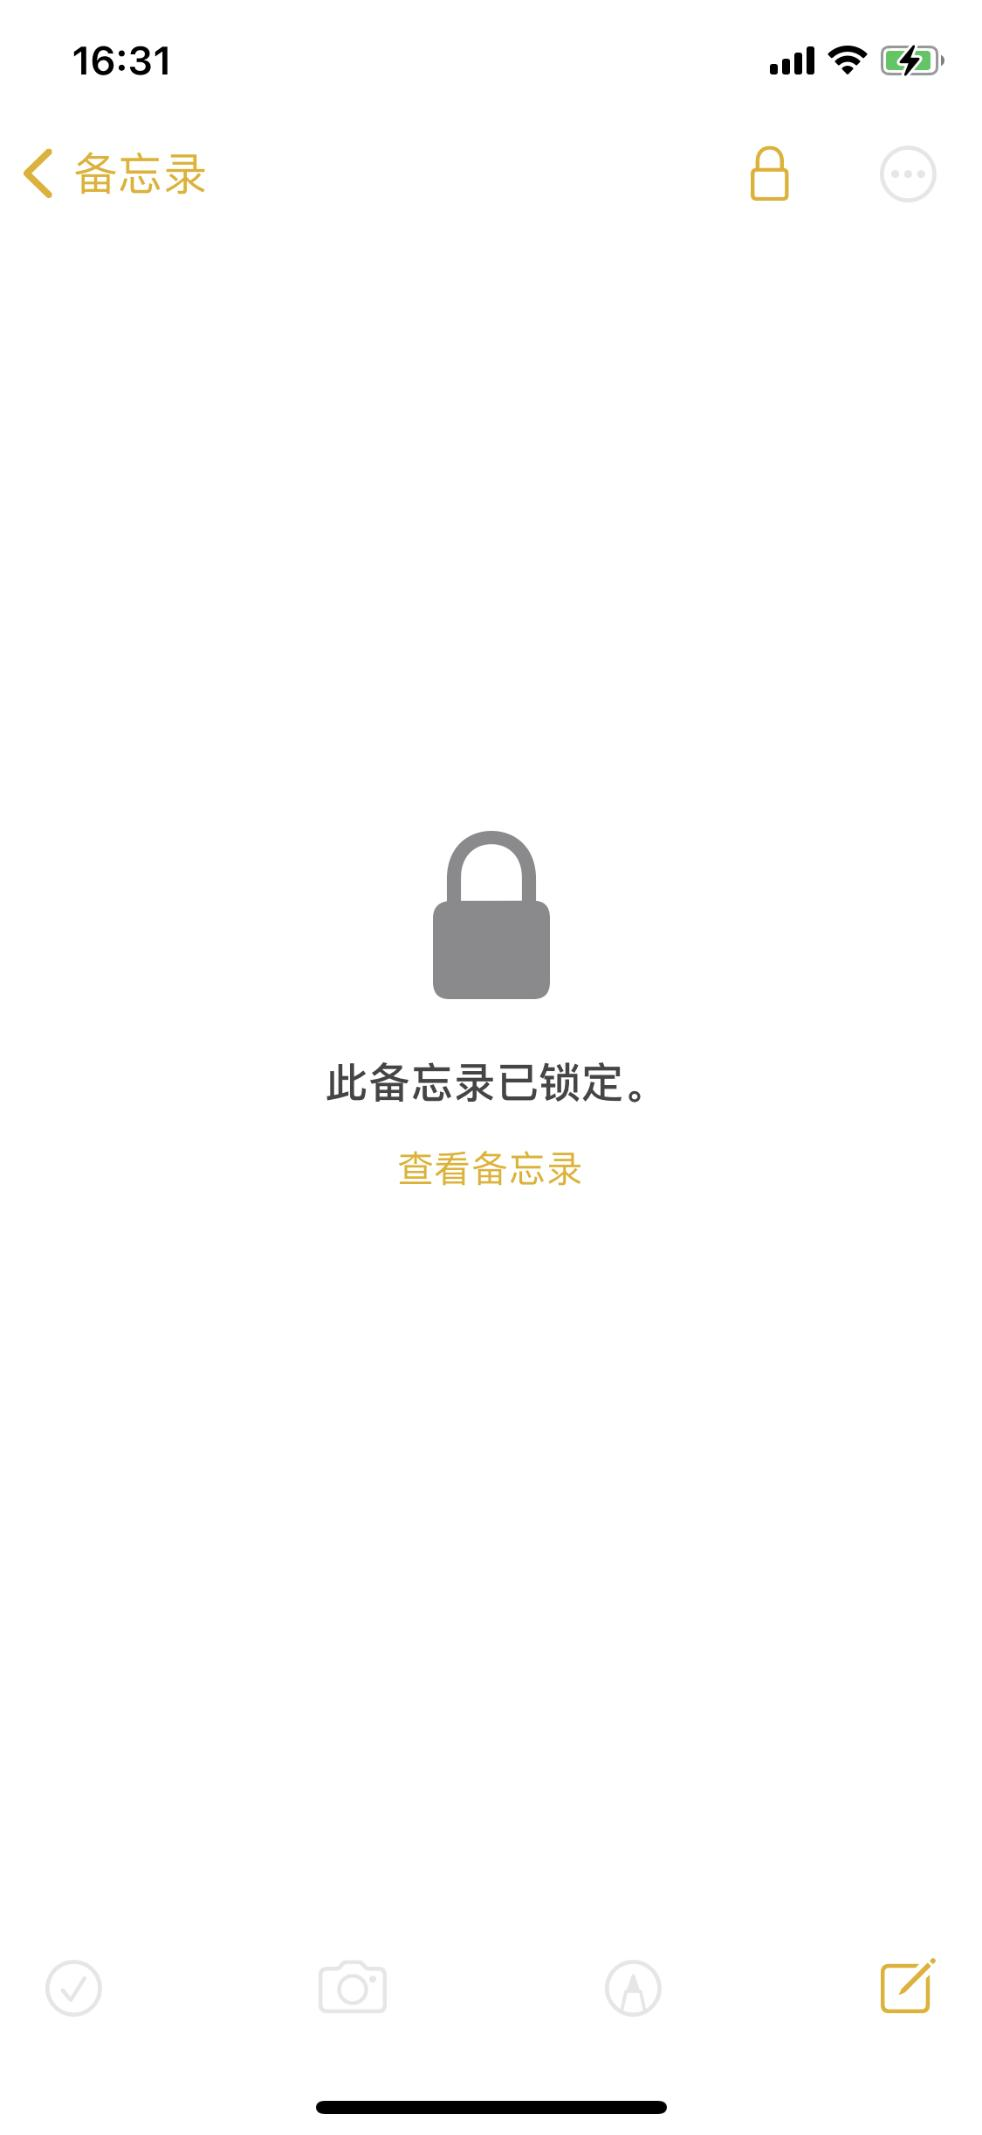 备忘录怎么加密(iPhone备忘录怎么上锁)